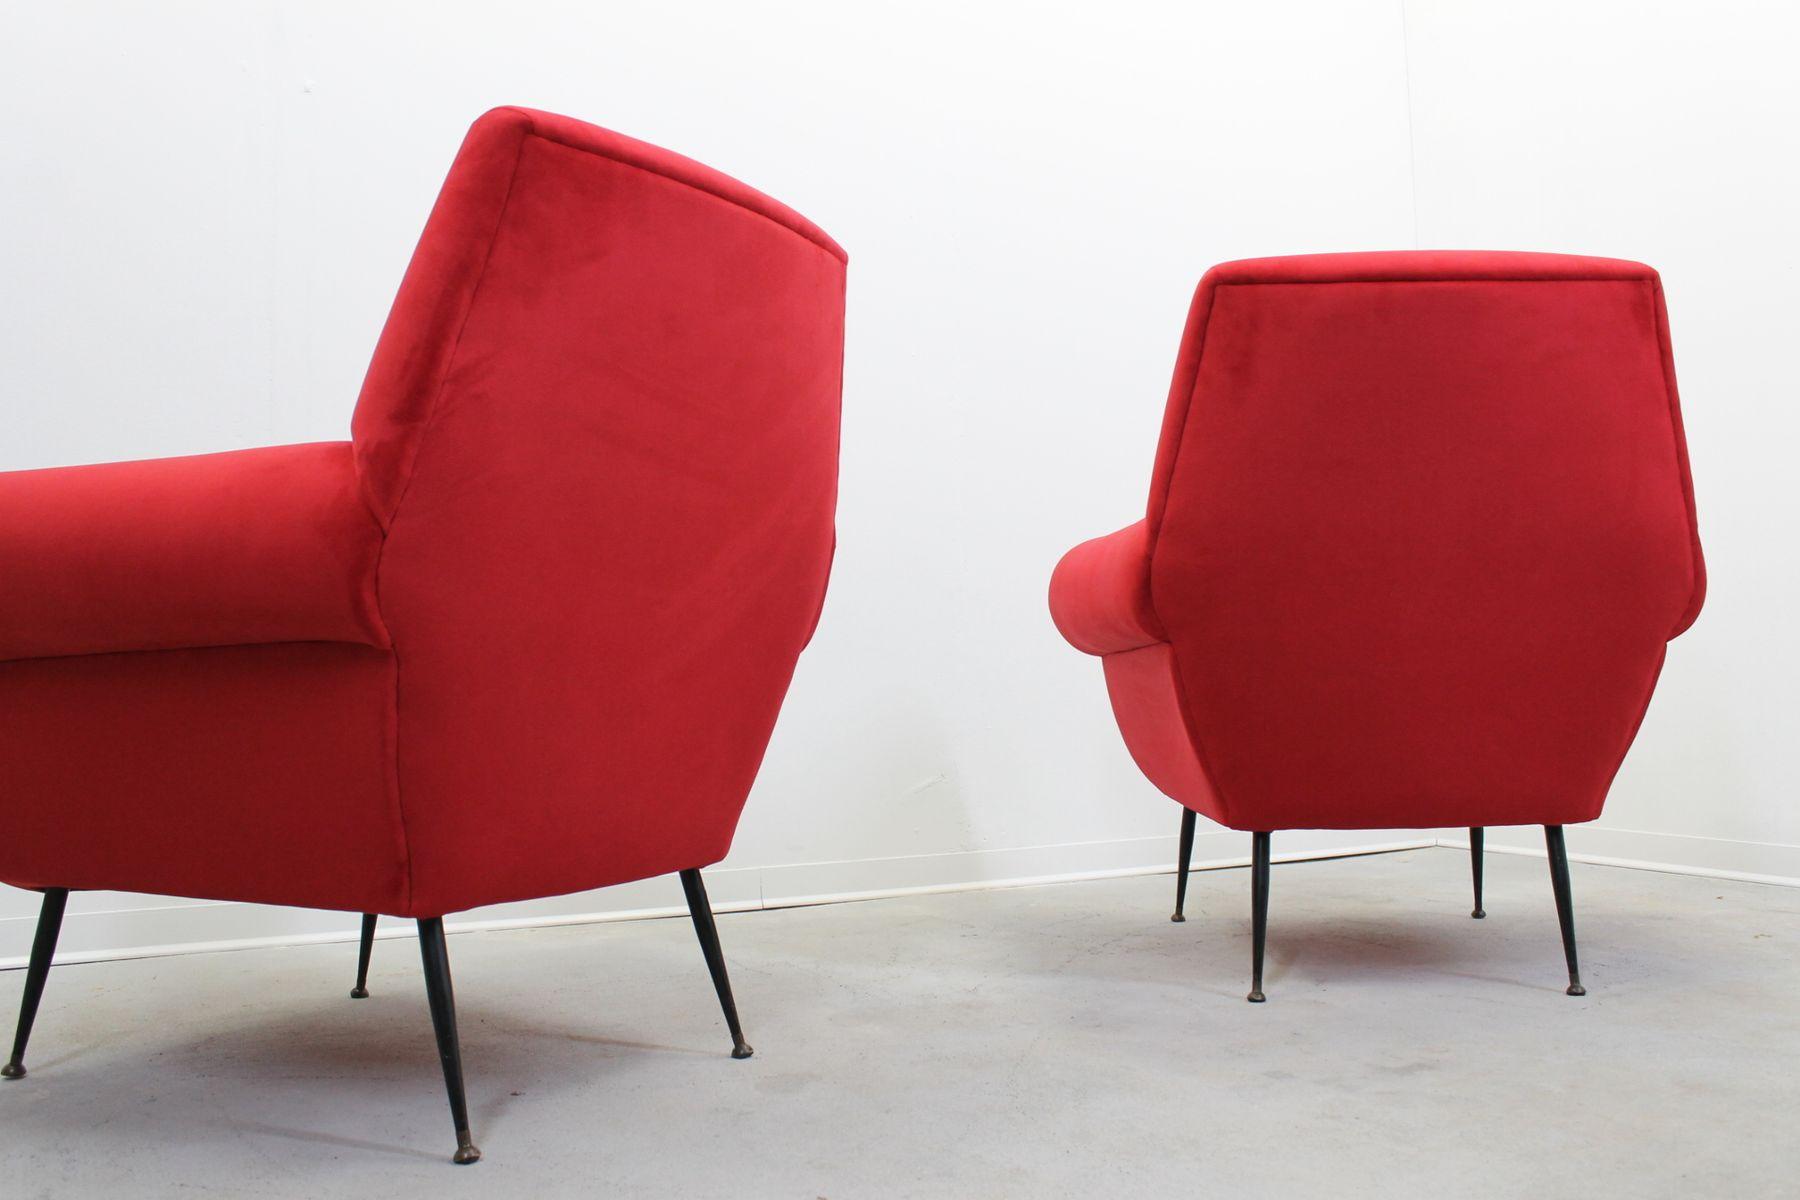 Italienische vintage sessel aus rotem samt von gigi radice for Italienische sessel design